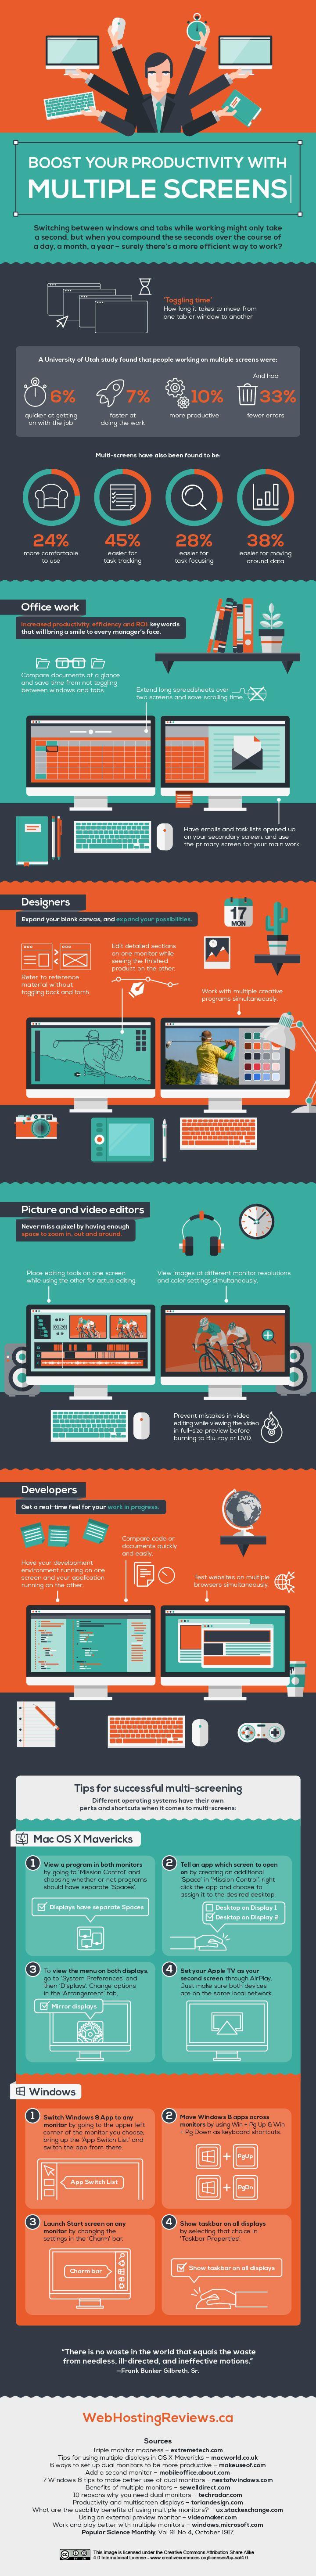 Aumenta tu productividad con múltiples pantallas